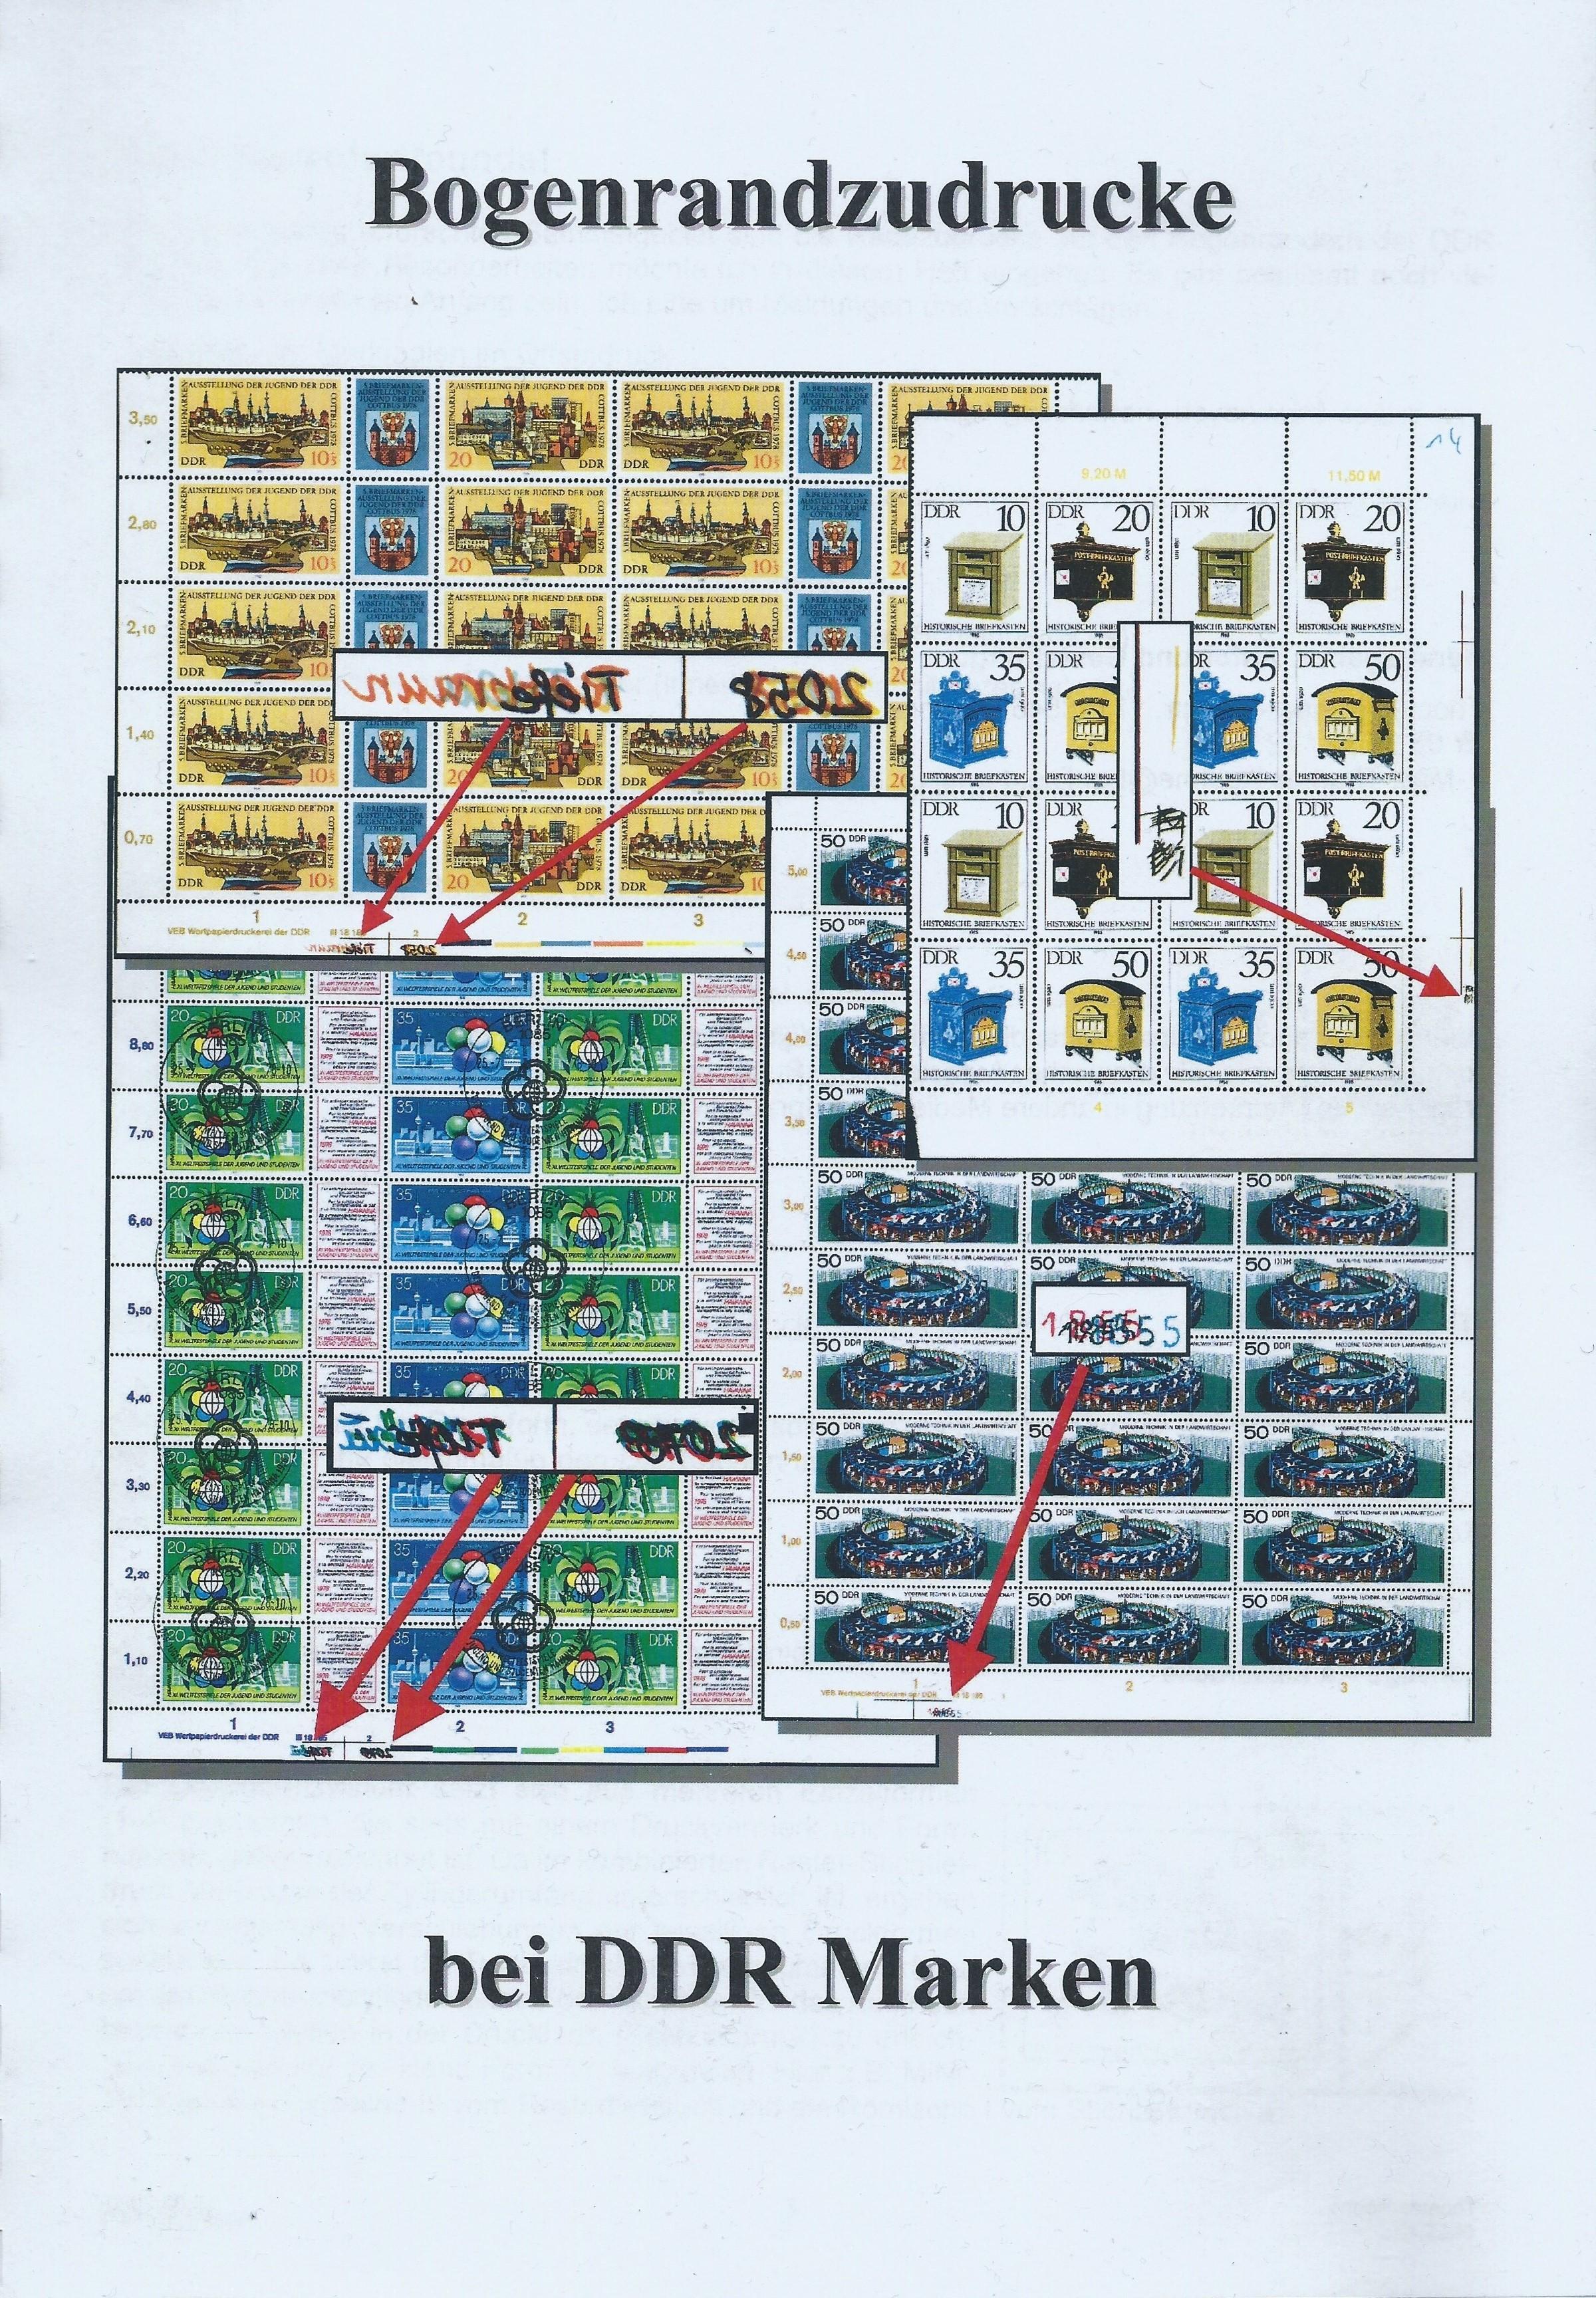 Bogenrandzudrucke bei DDR-Marken